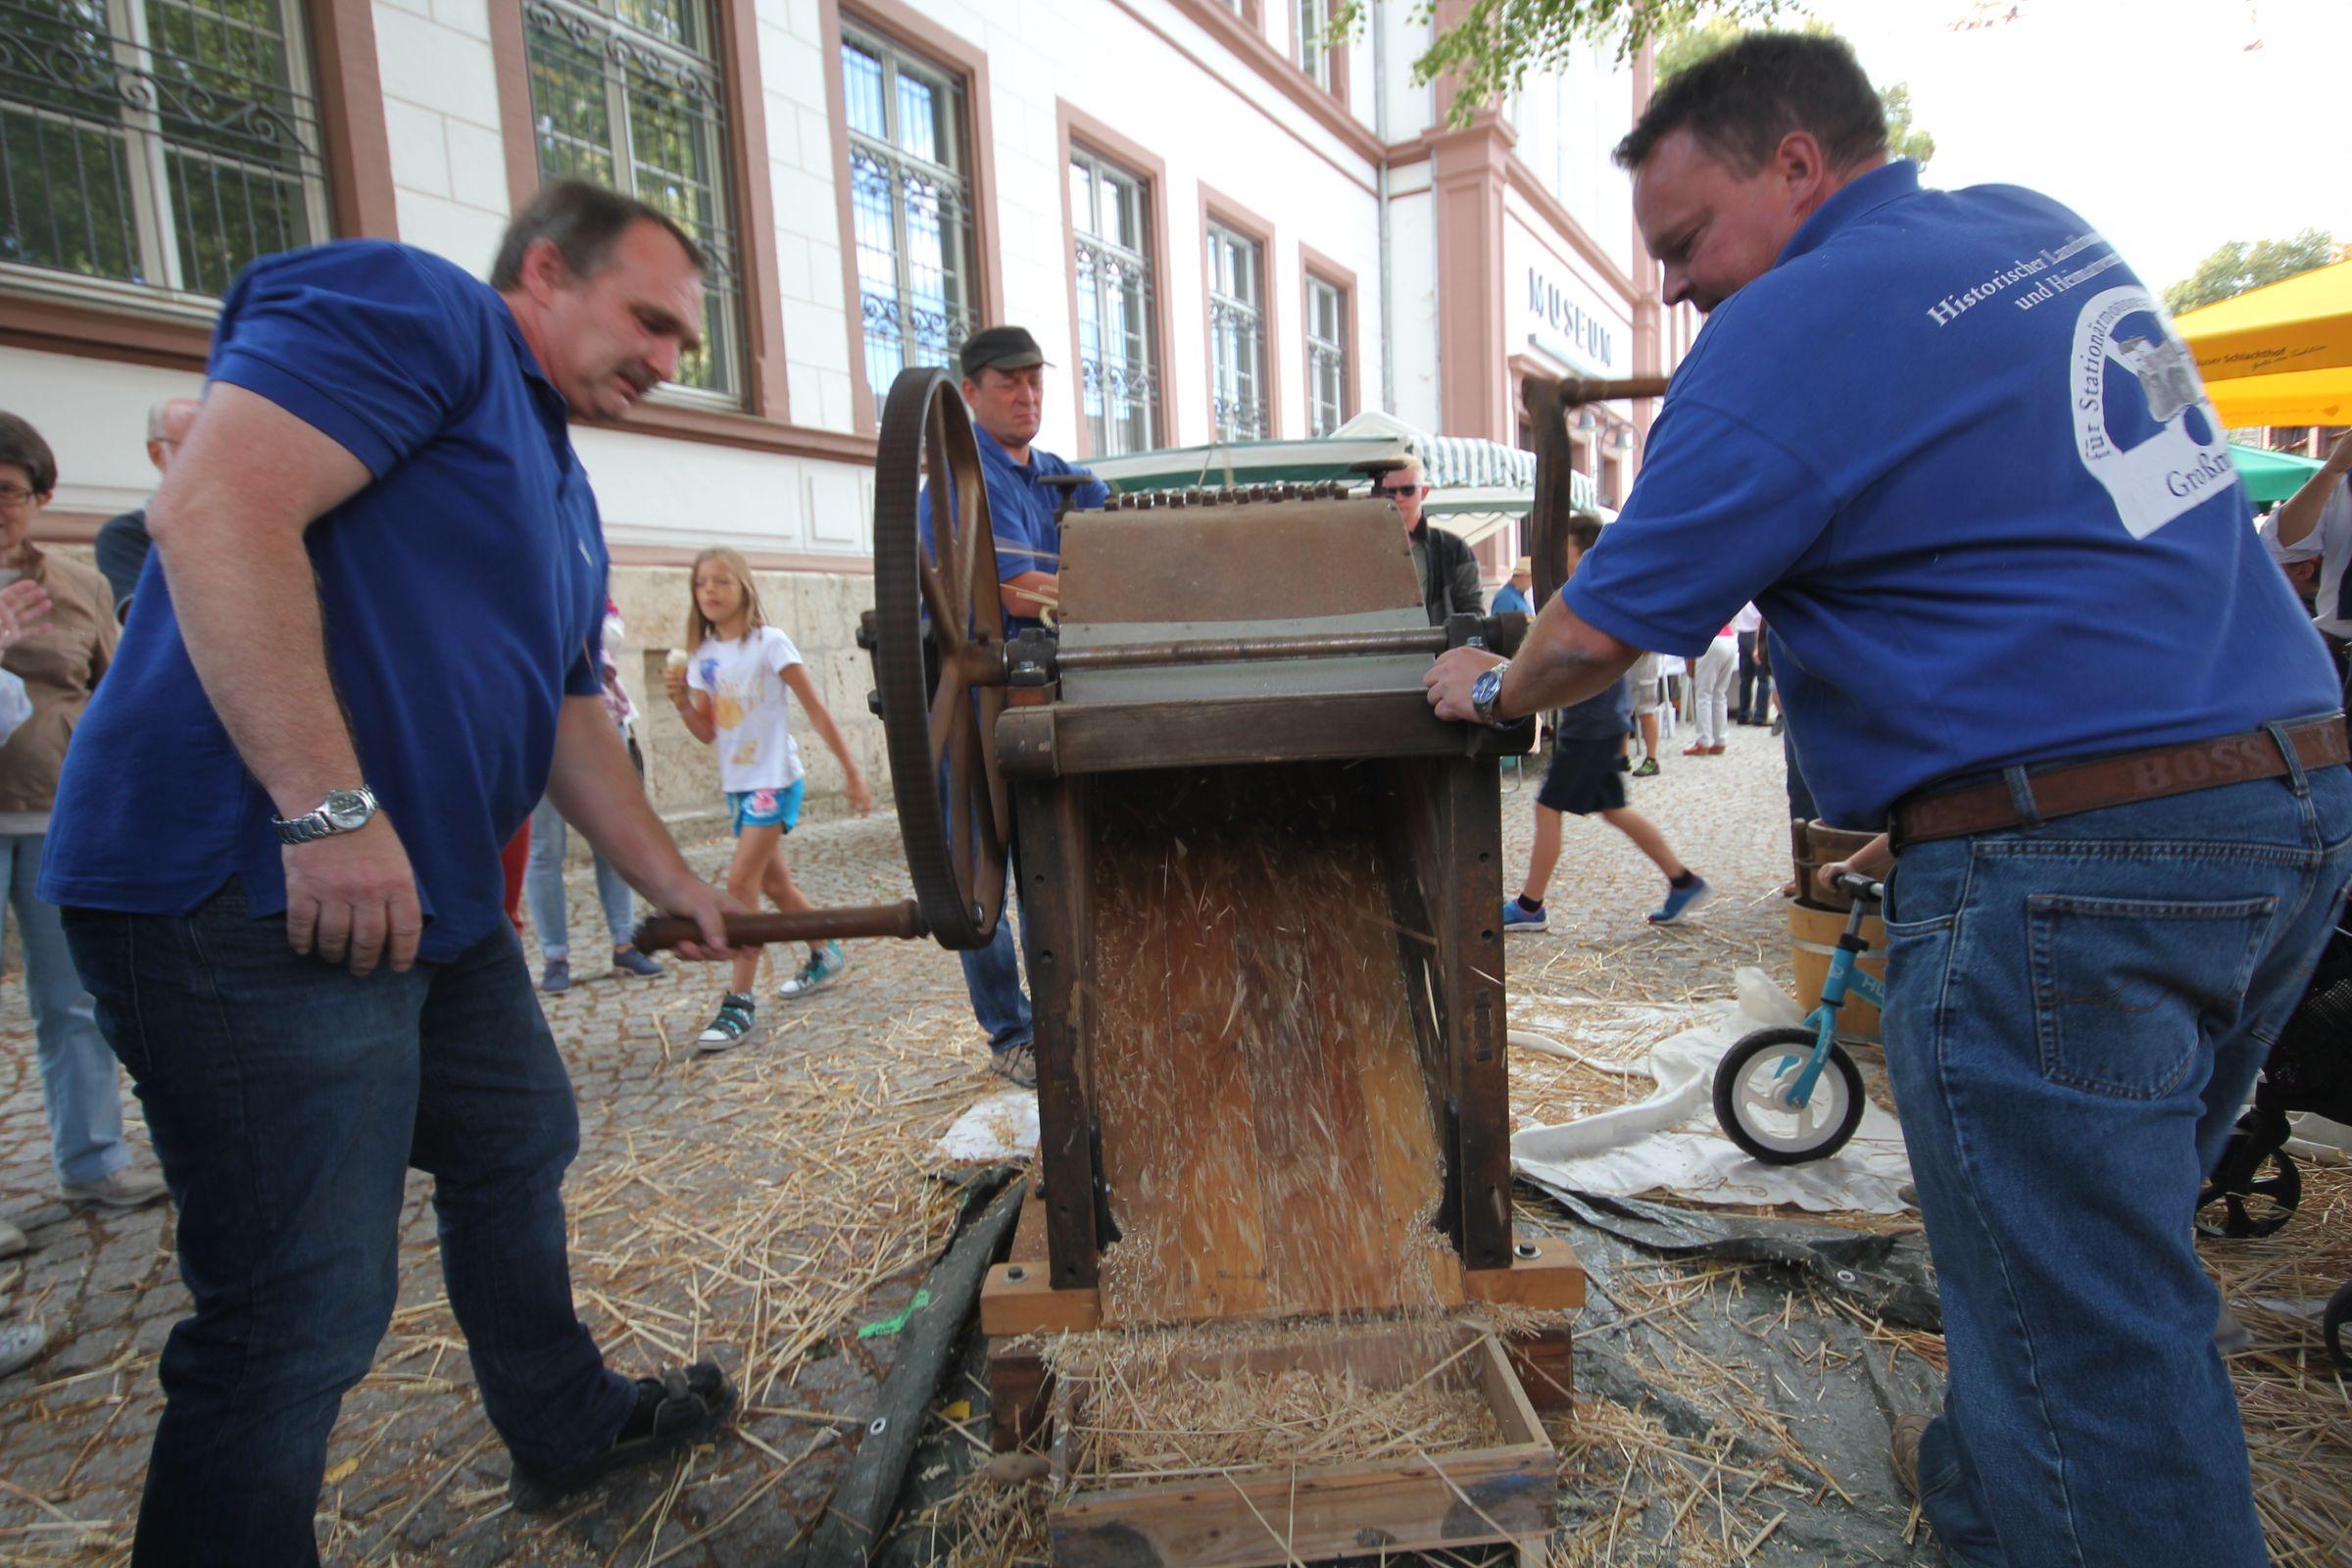 180826 FKM Handwerkermarkt (10)